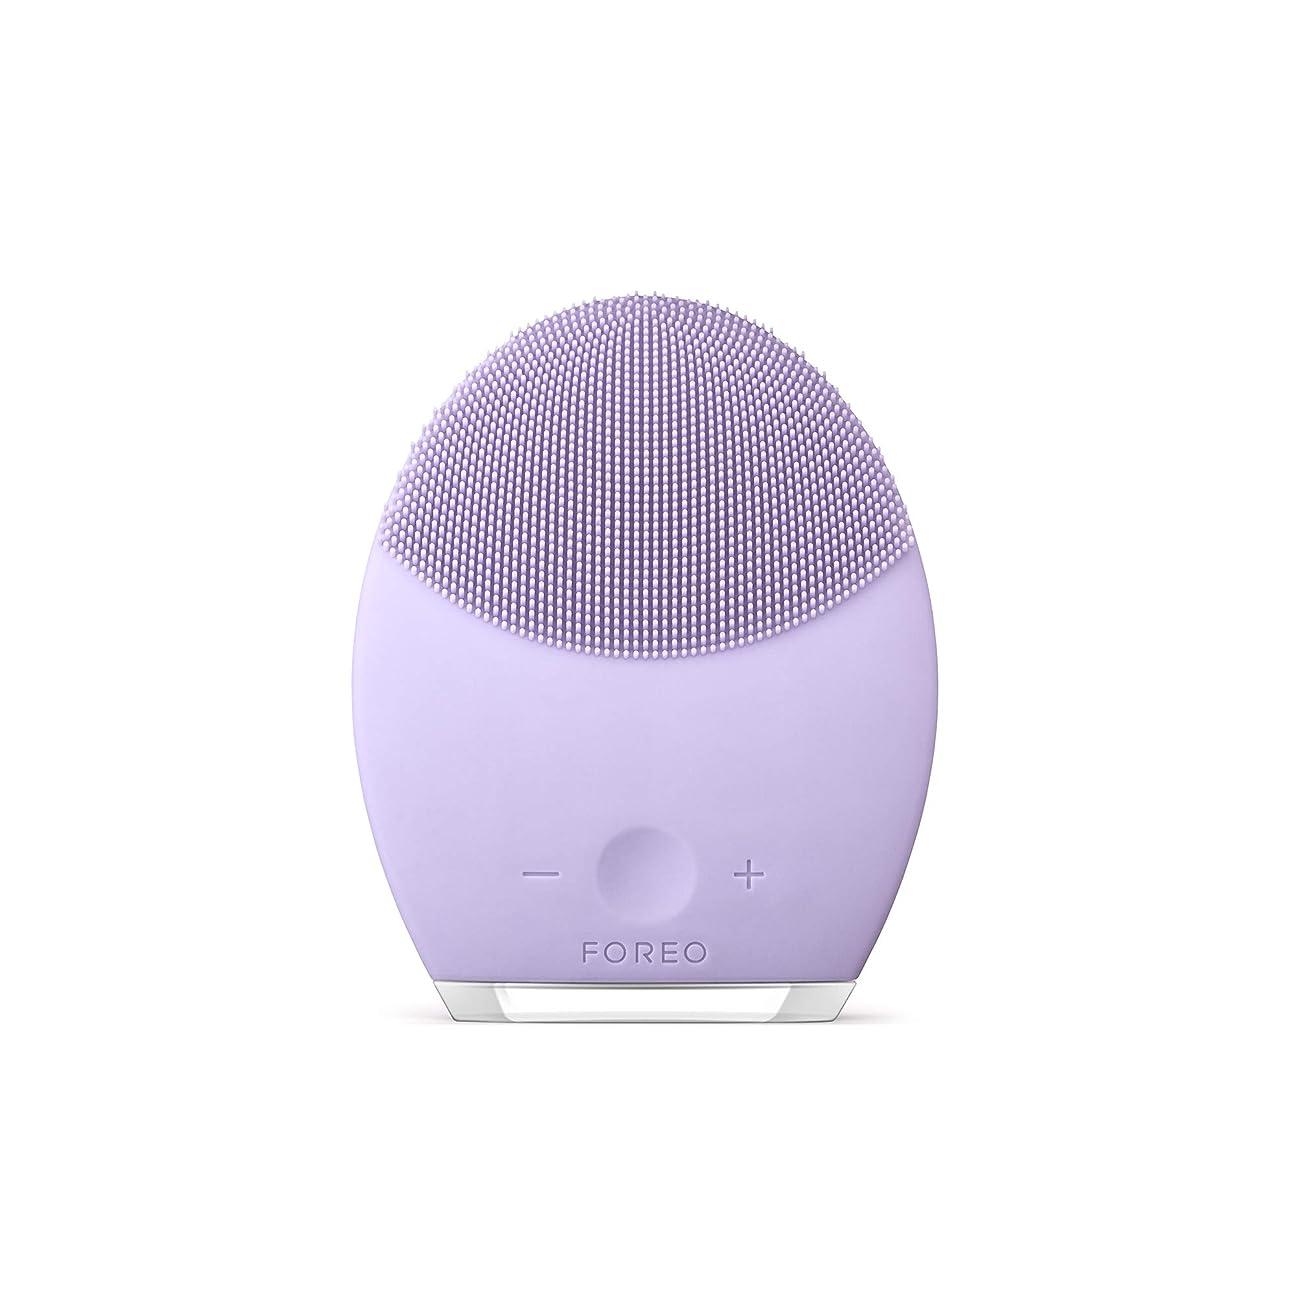 移民クリーム地理FOREO LUNA 2 for センシティブスキン 電動洗顔ブラシ シリコーン製 音波振動 エイジングケア※